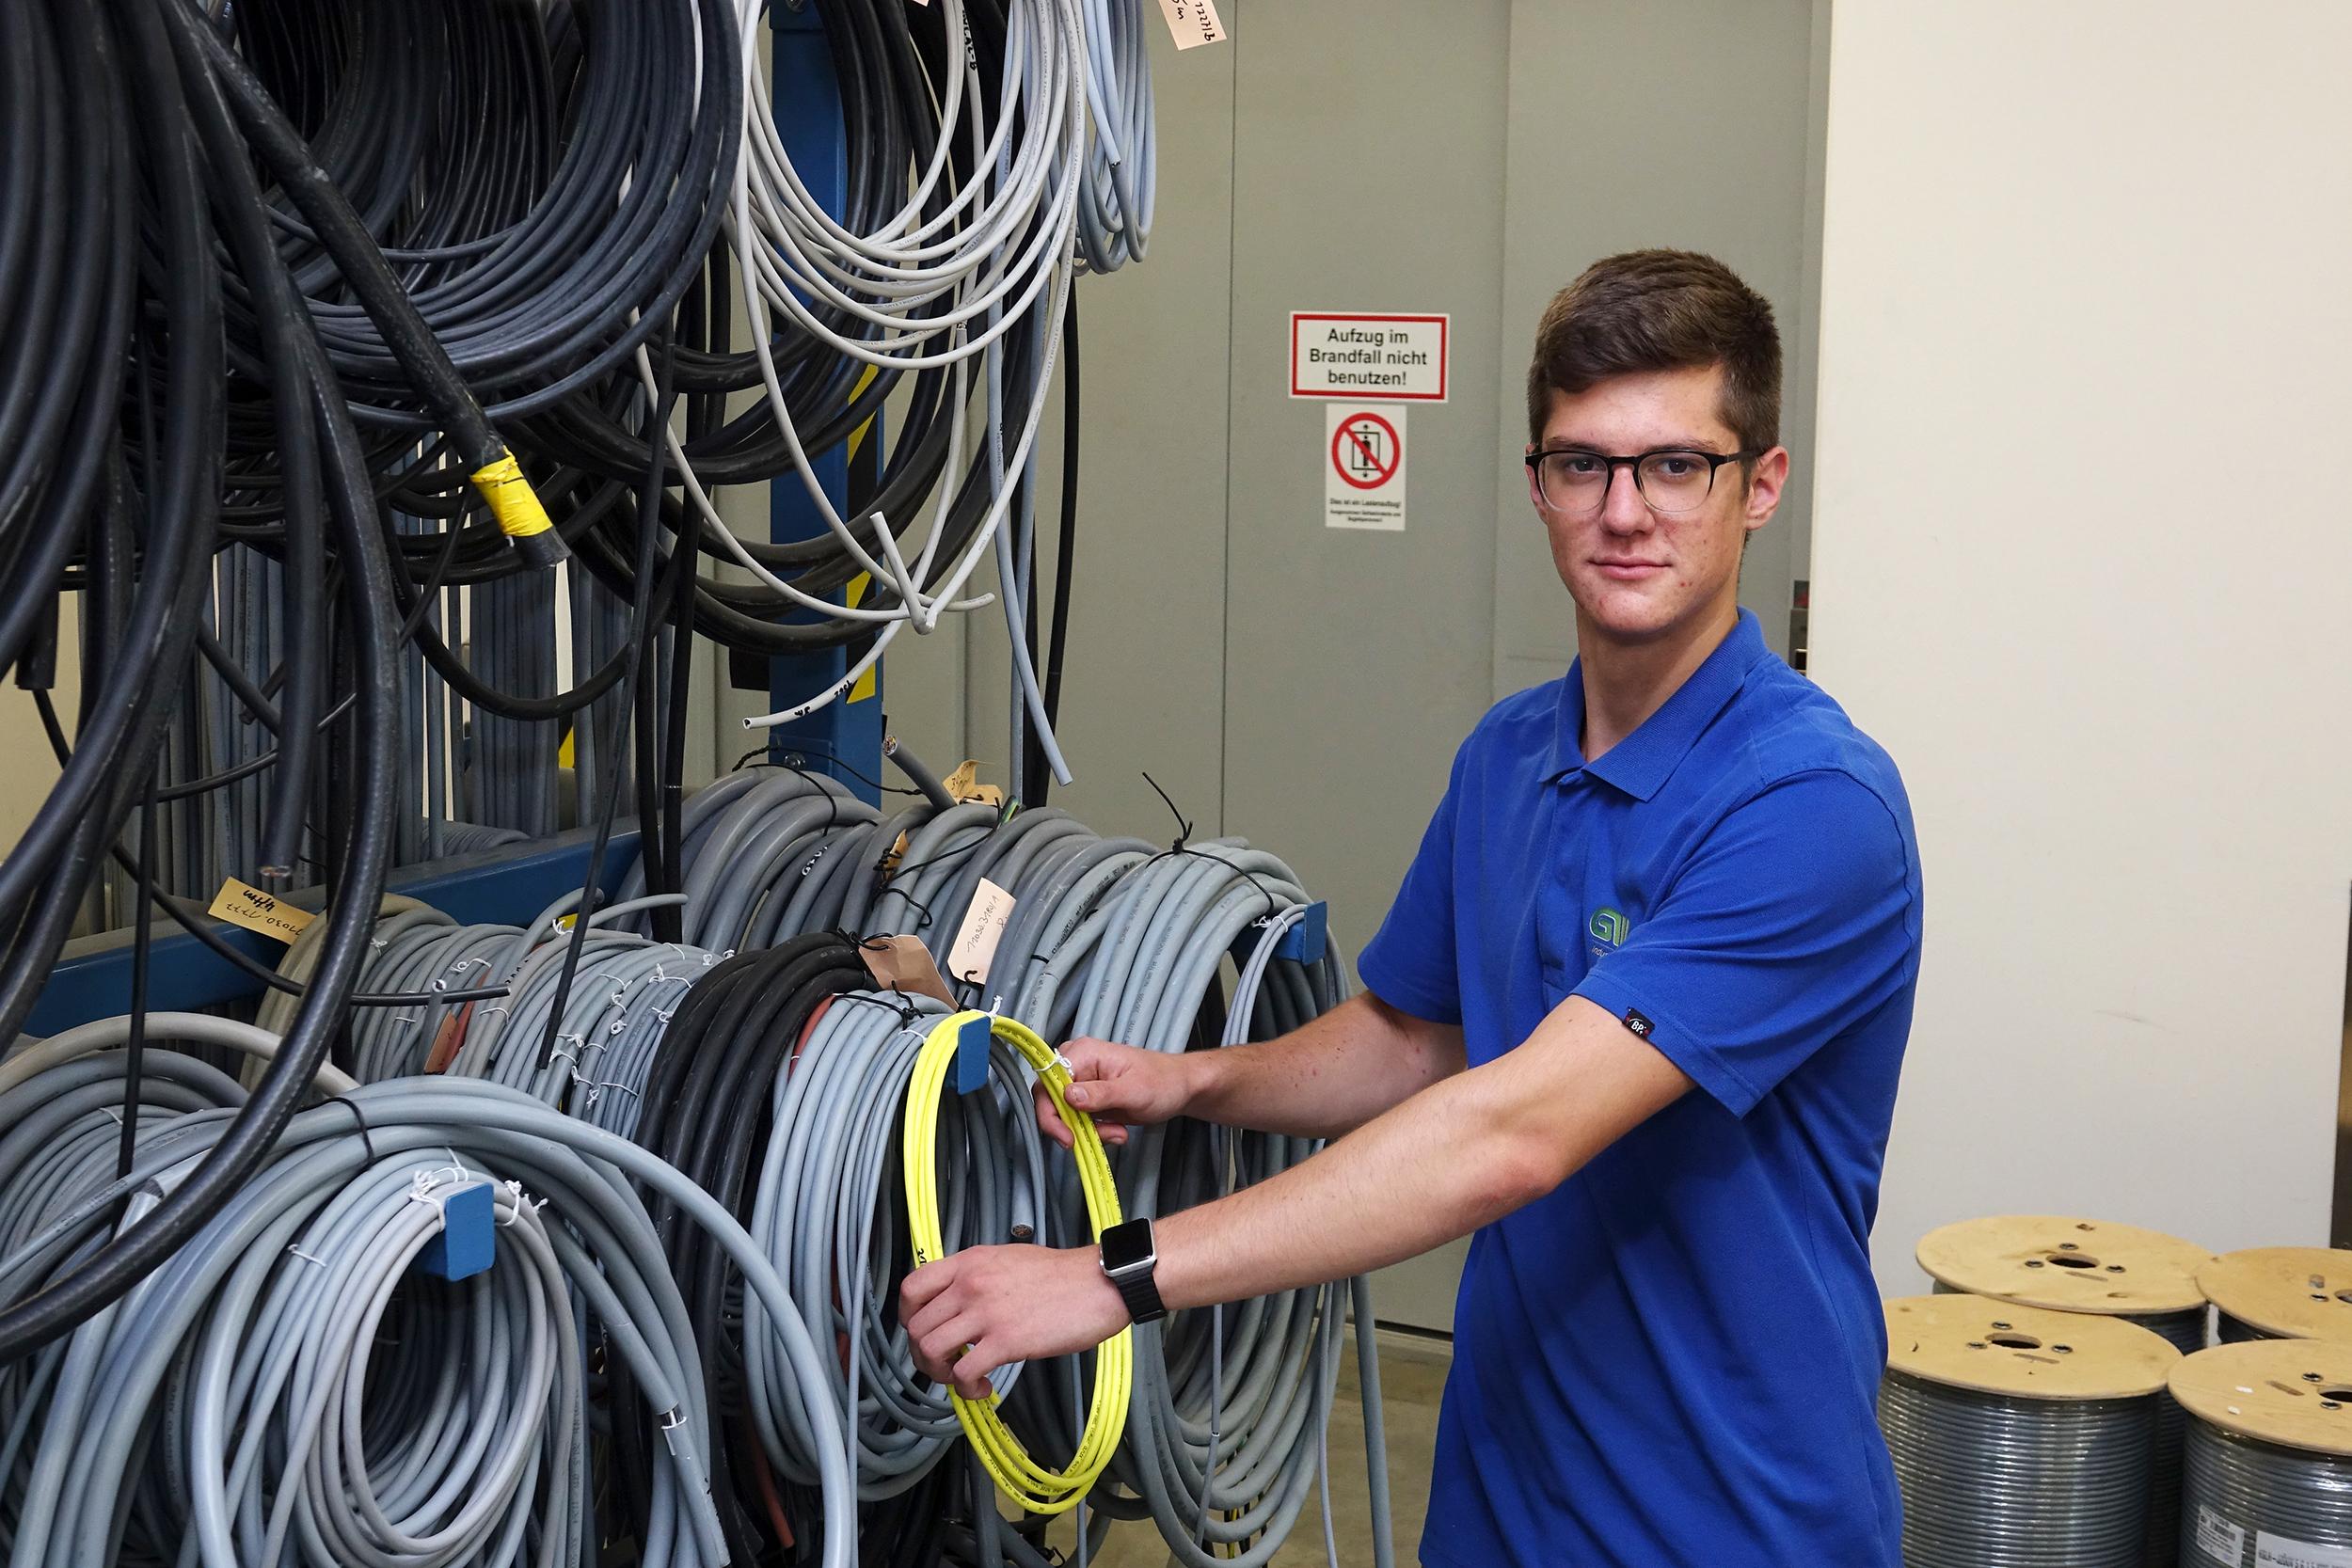 Lehrling der Elektrotechnik